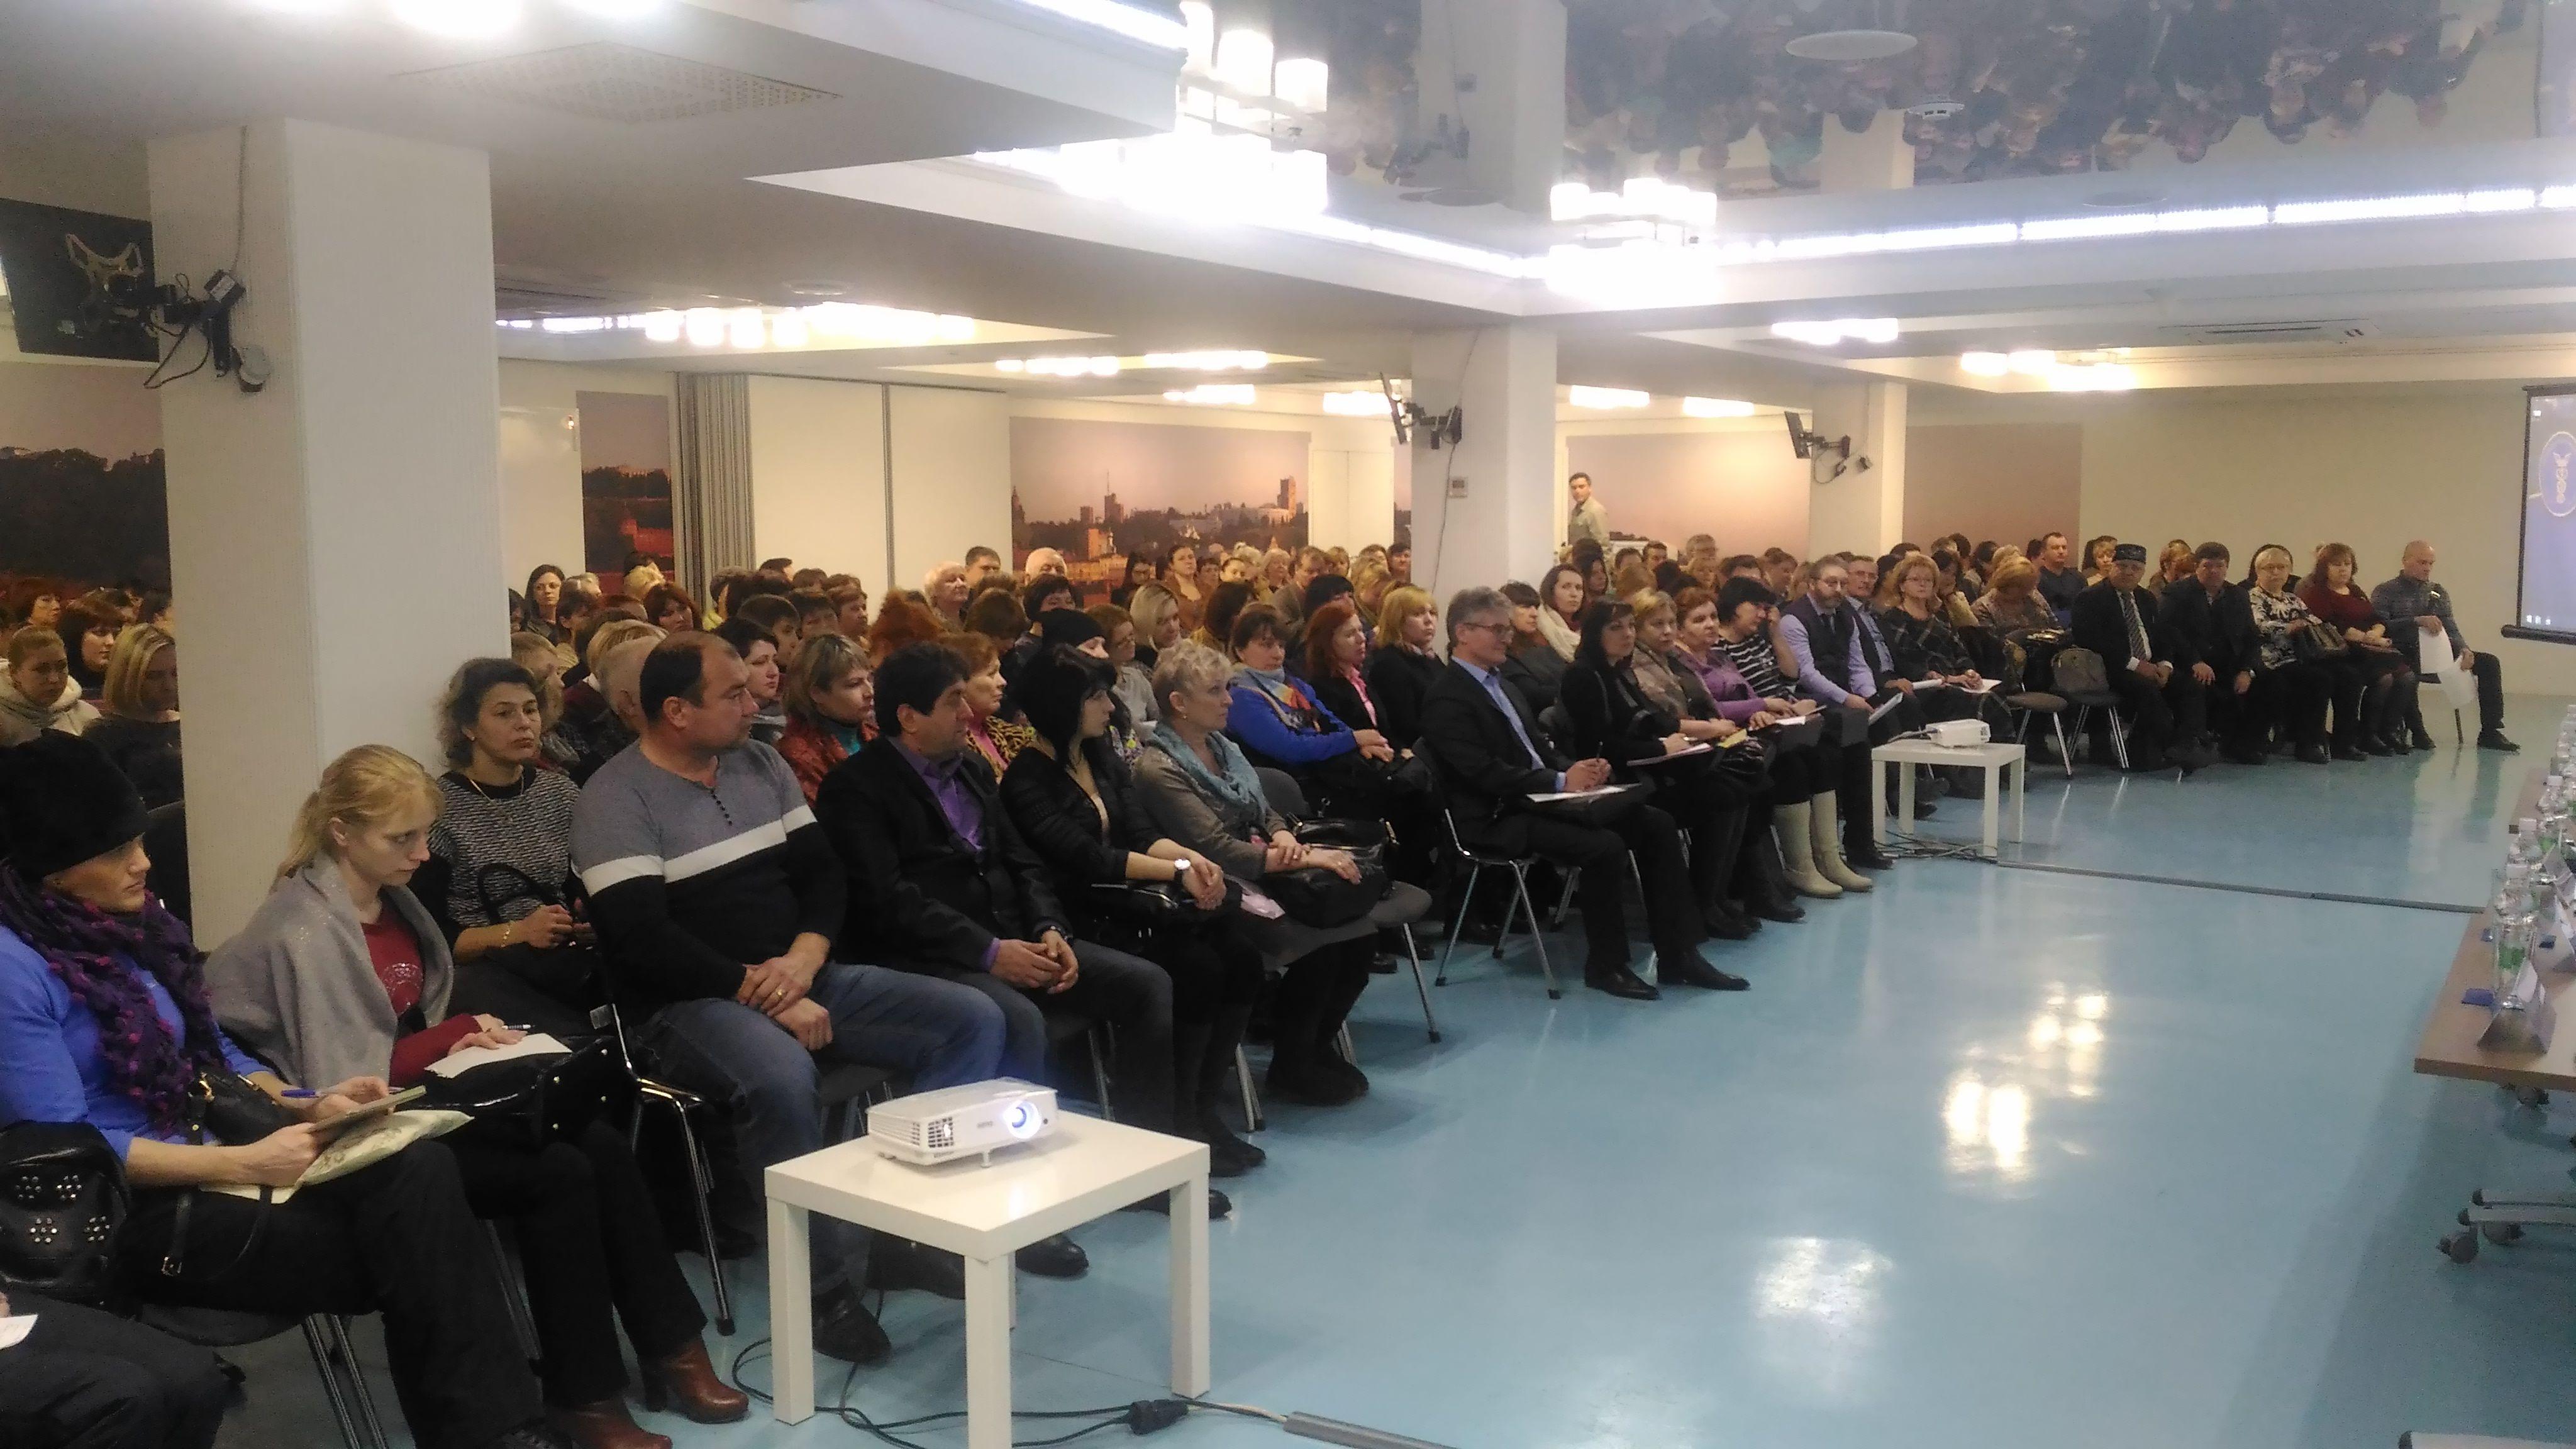 Ситуационный центр планируется создать в Нижнем Новгороде к выборам